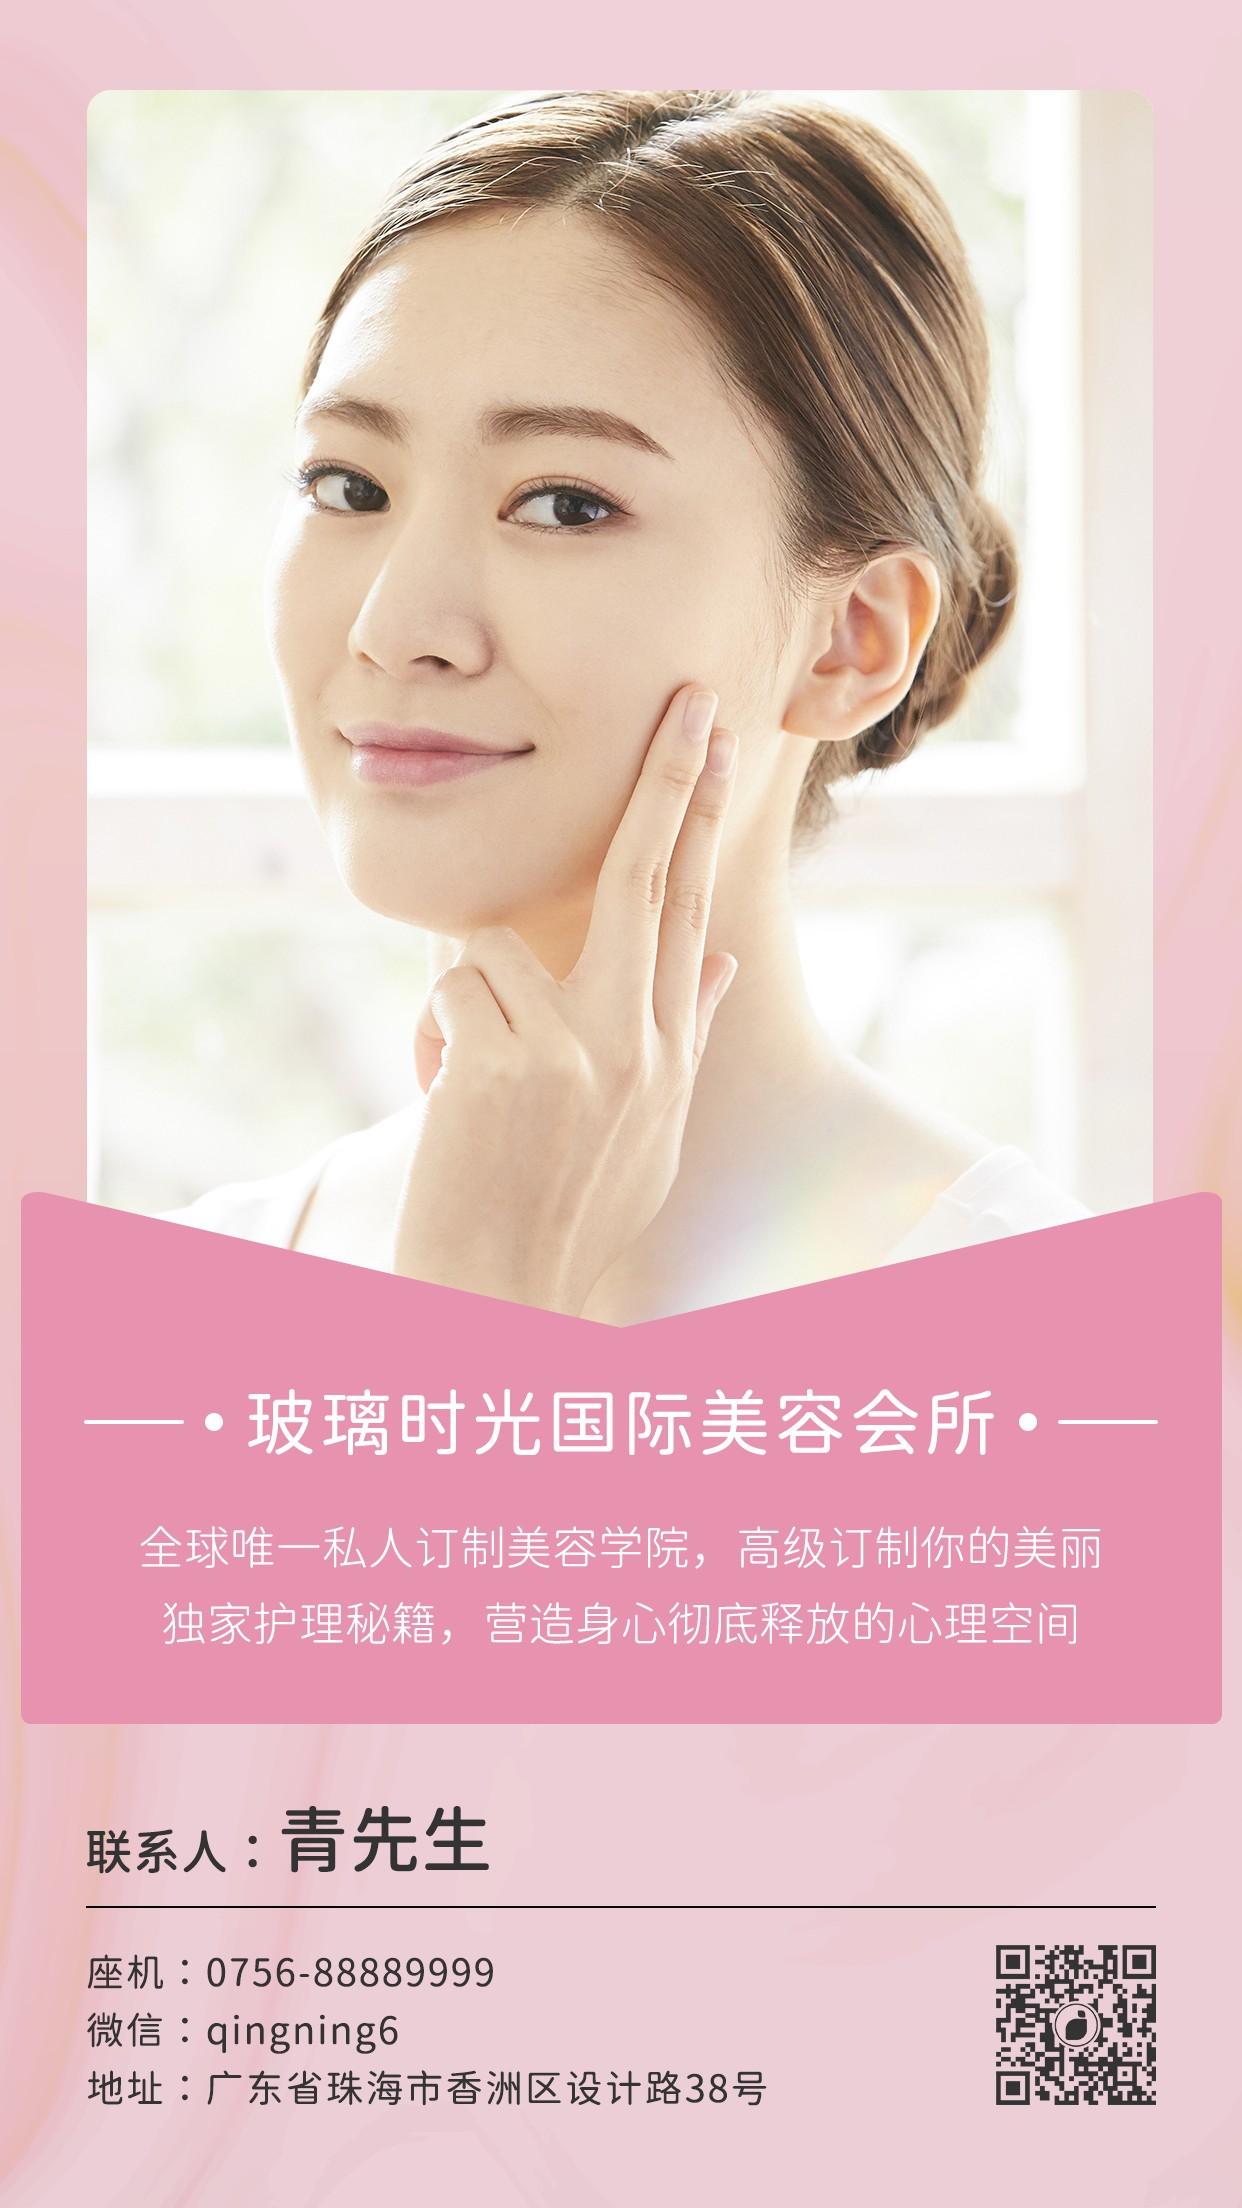 简约美容美妆个人电子信息名片手机海报